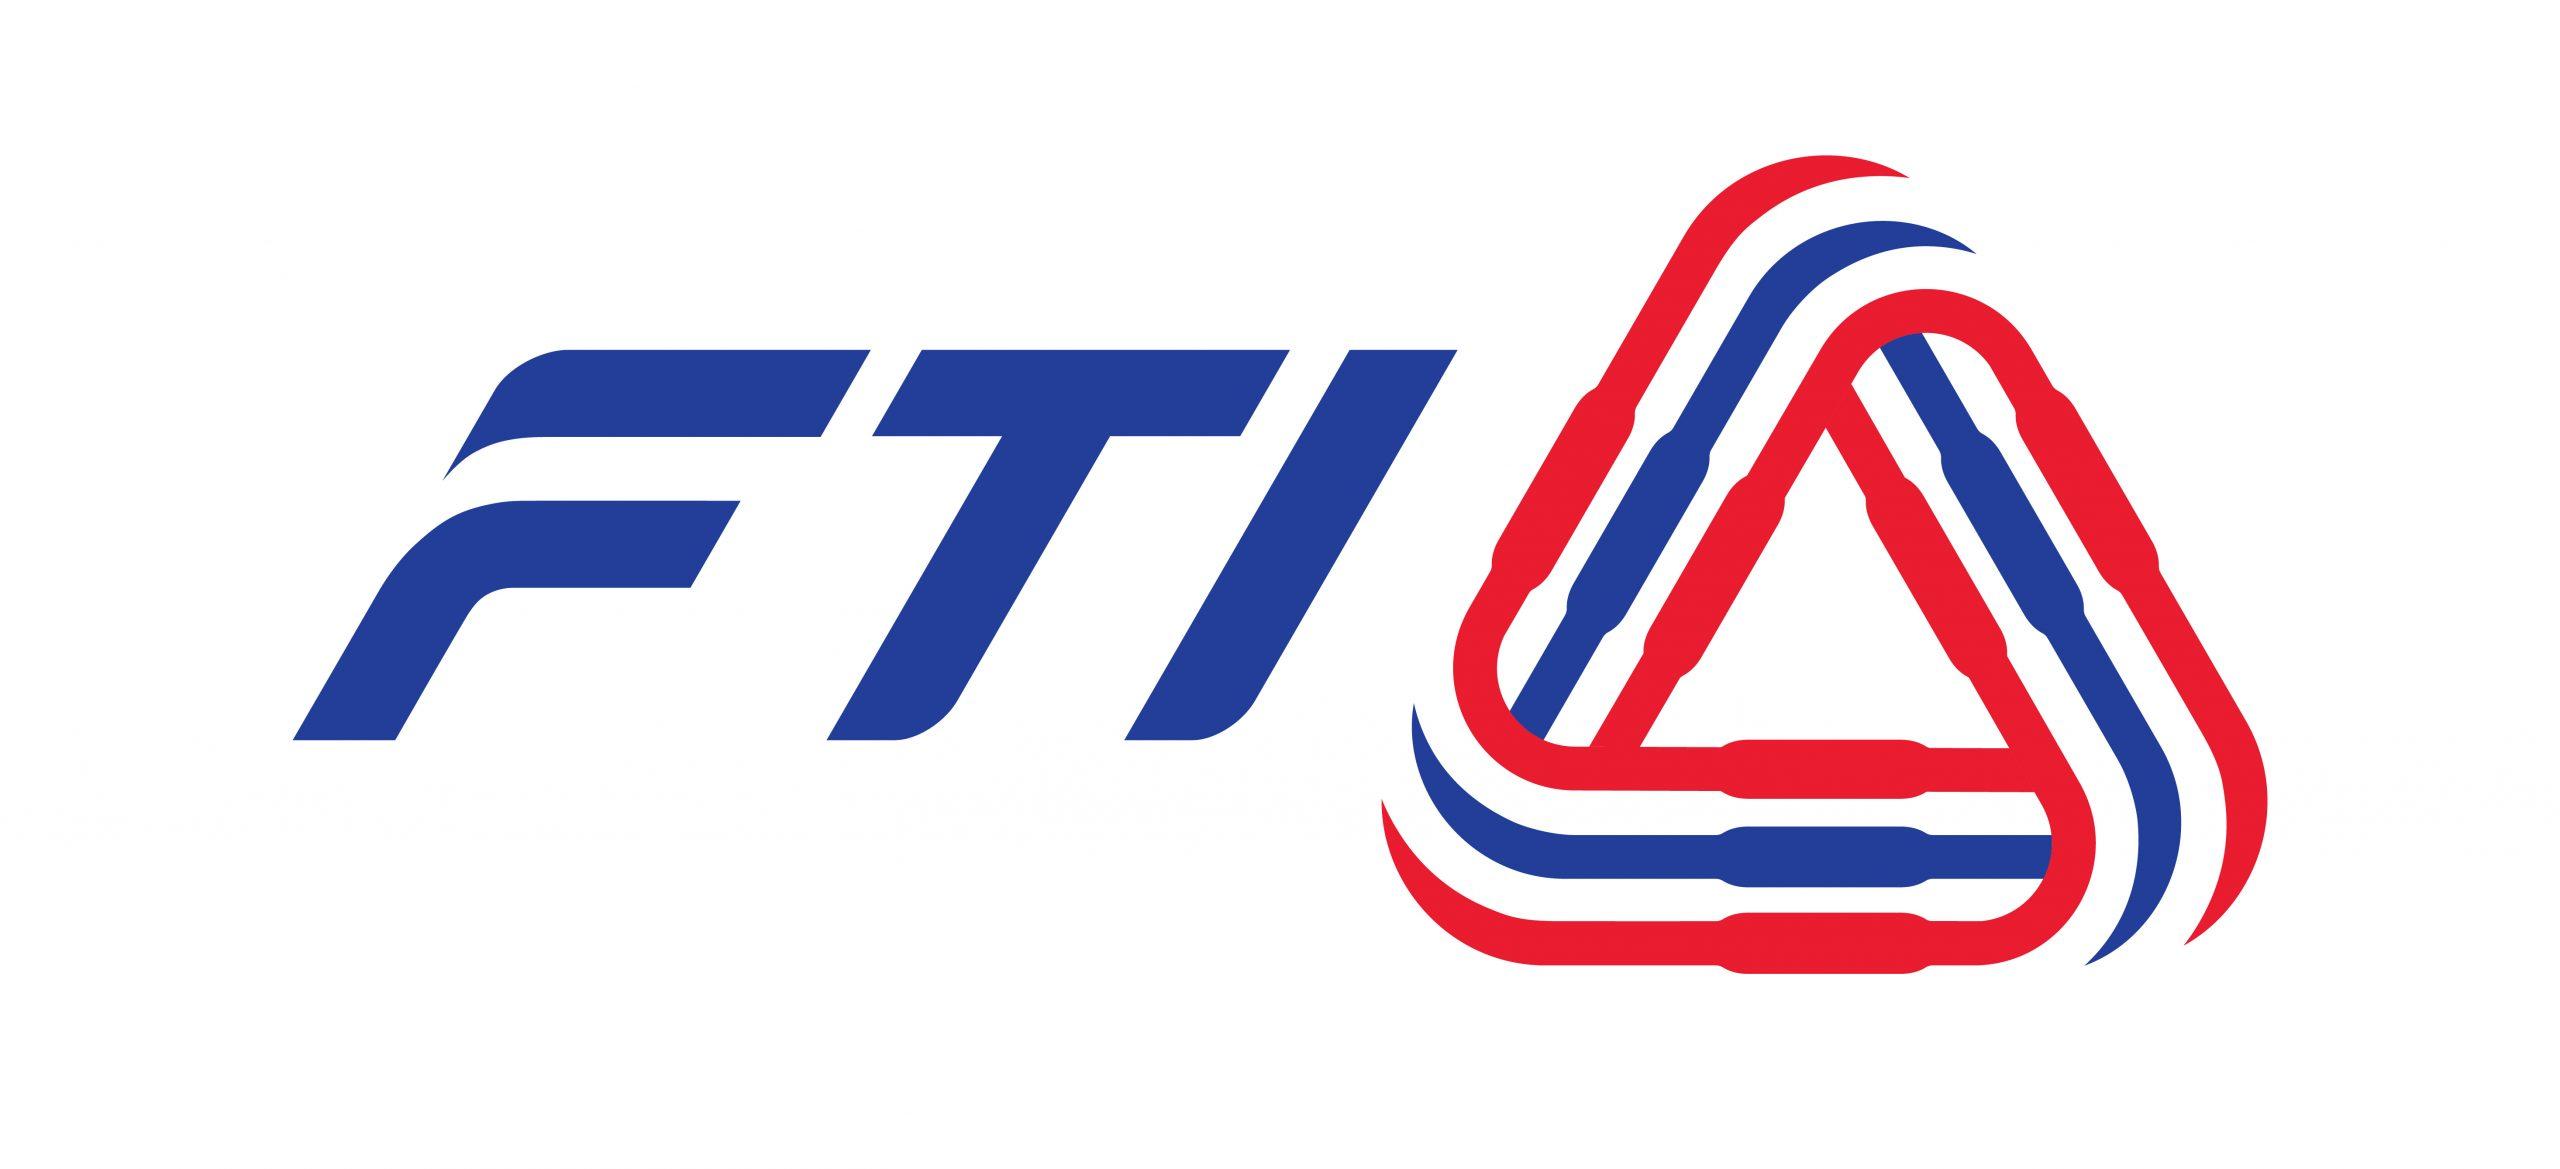 6 – สภาอุตสาหกรรมแห่งประเทศไทย